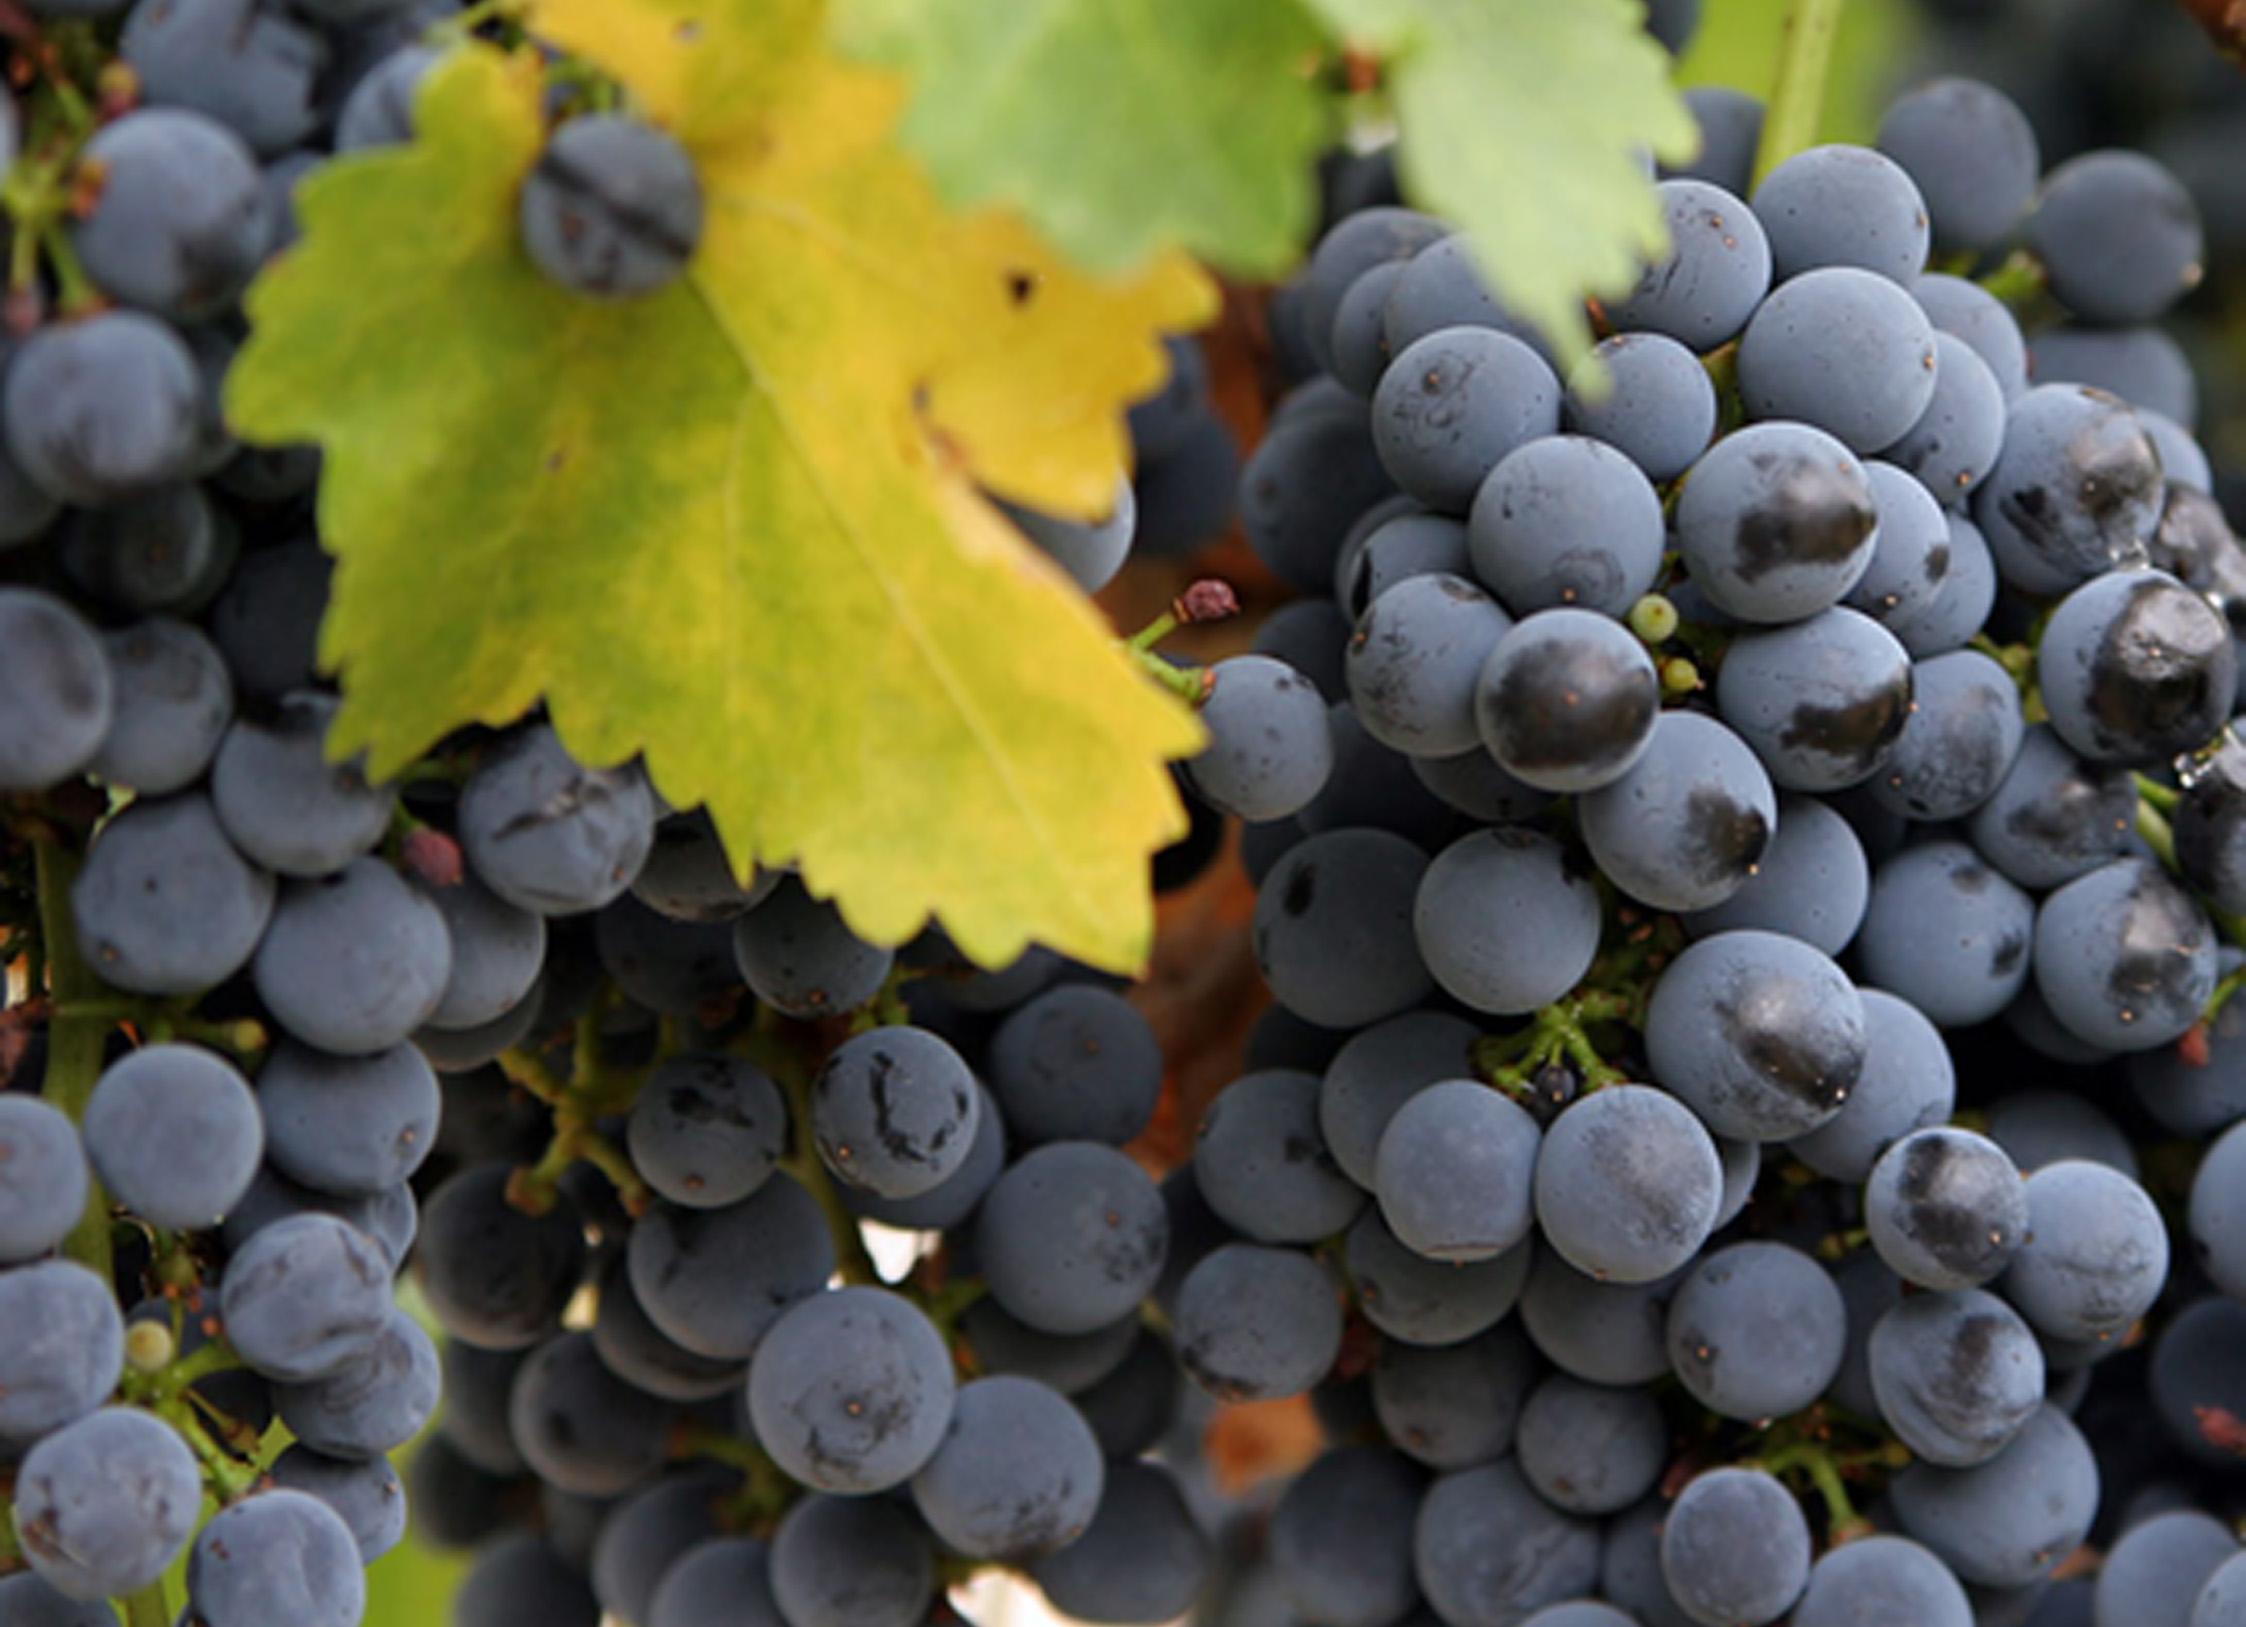 Vigne raisins ste croix bleu avec pepin raisins grapes nos v g taux jardin2m - Planter vigne raisin de table ...